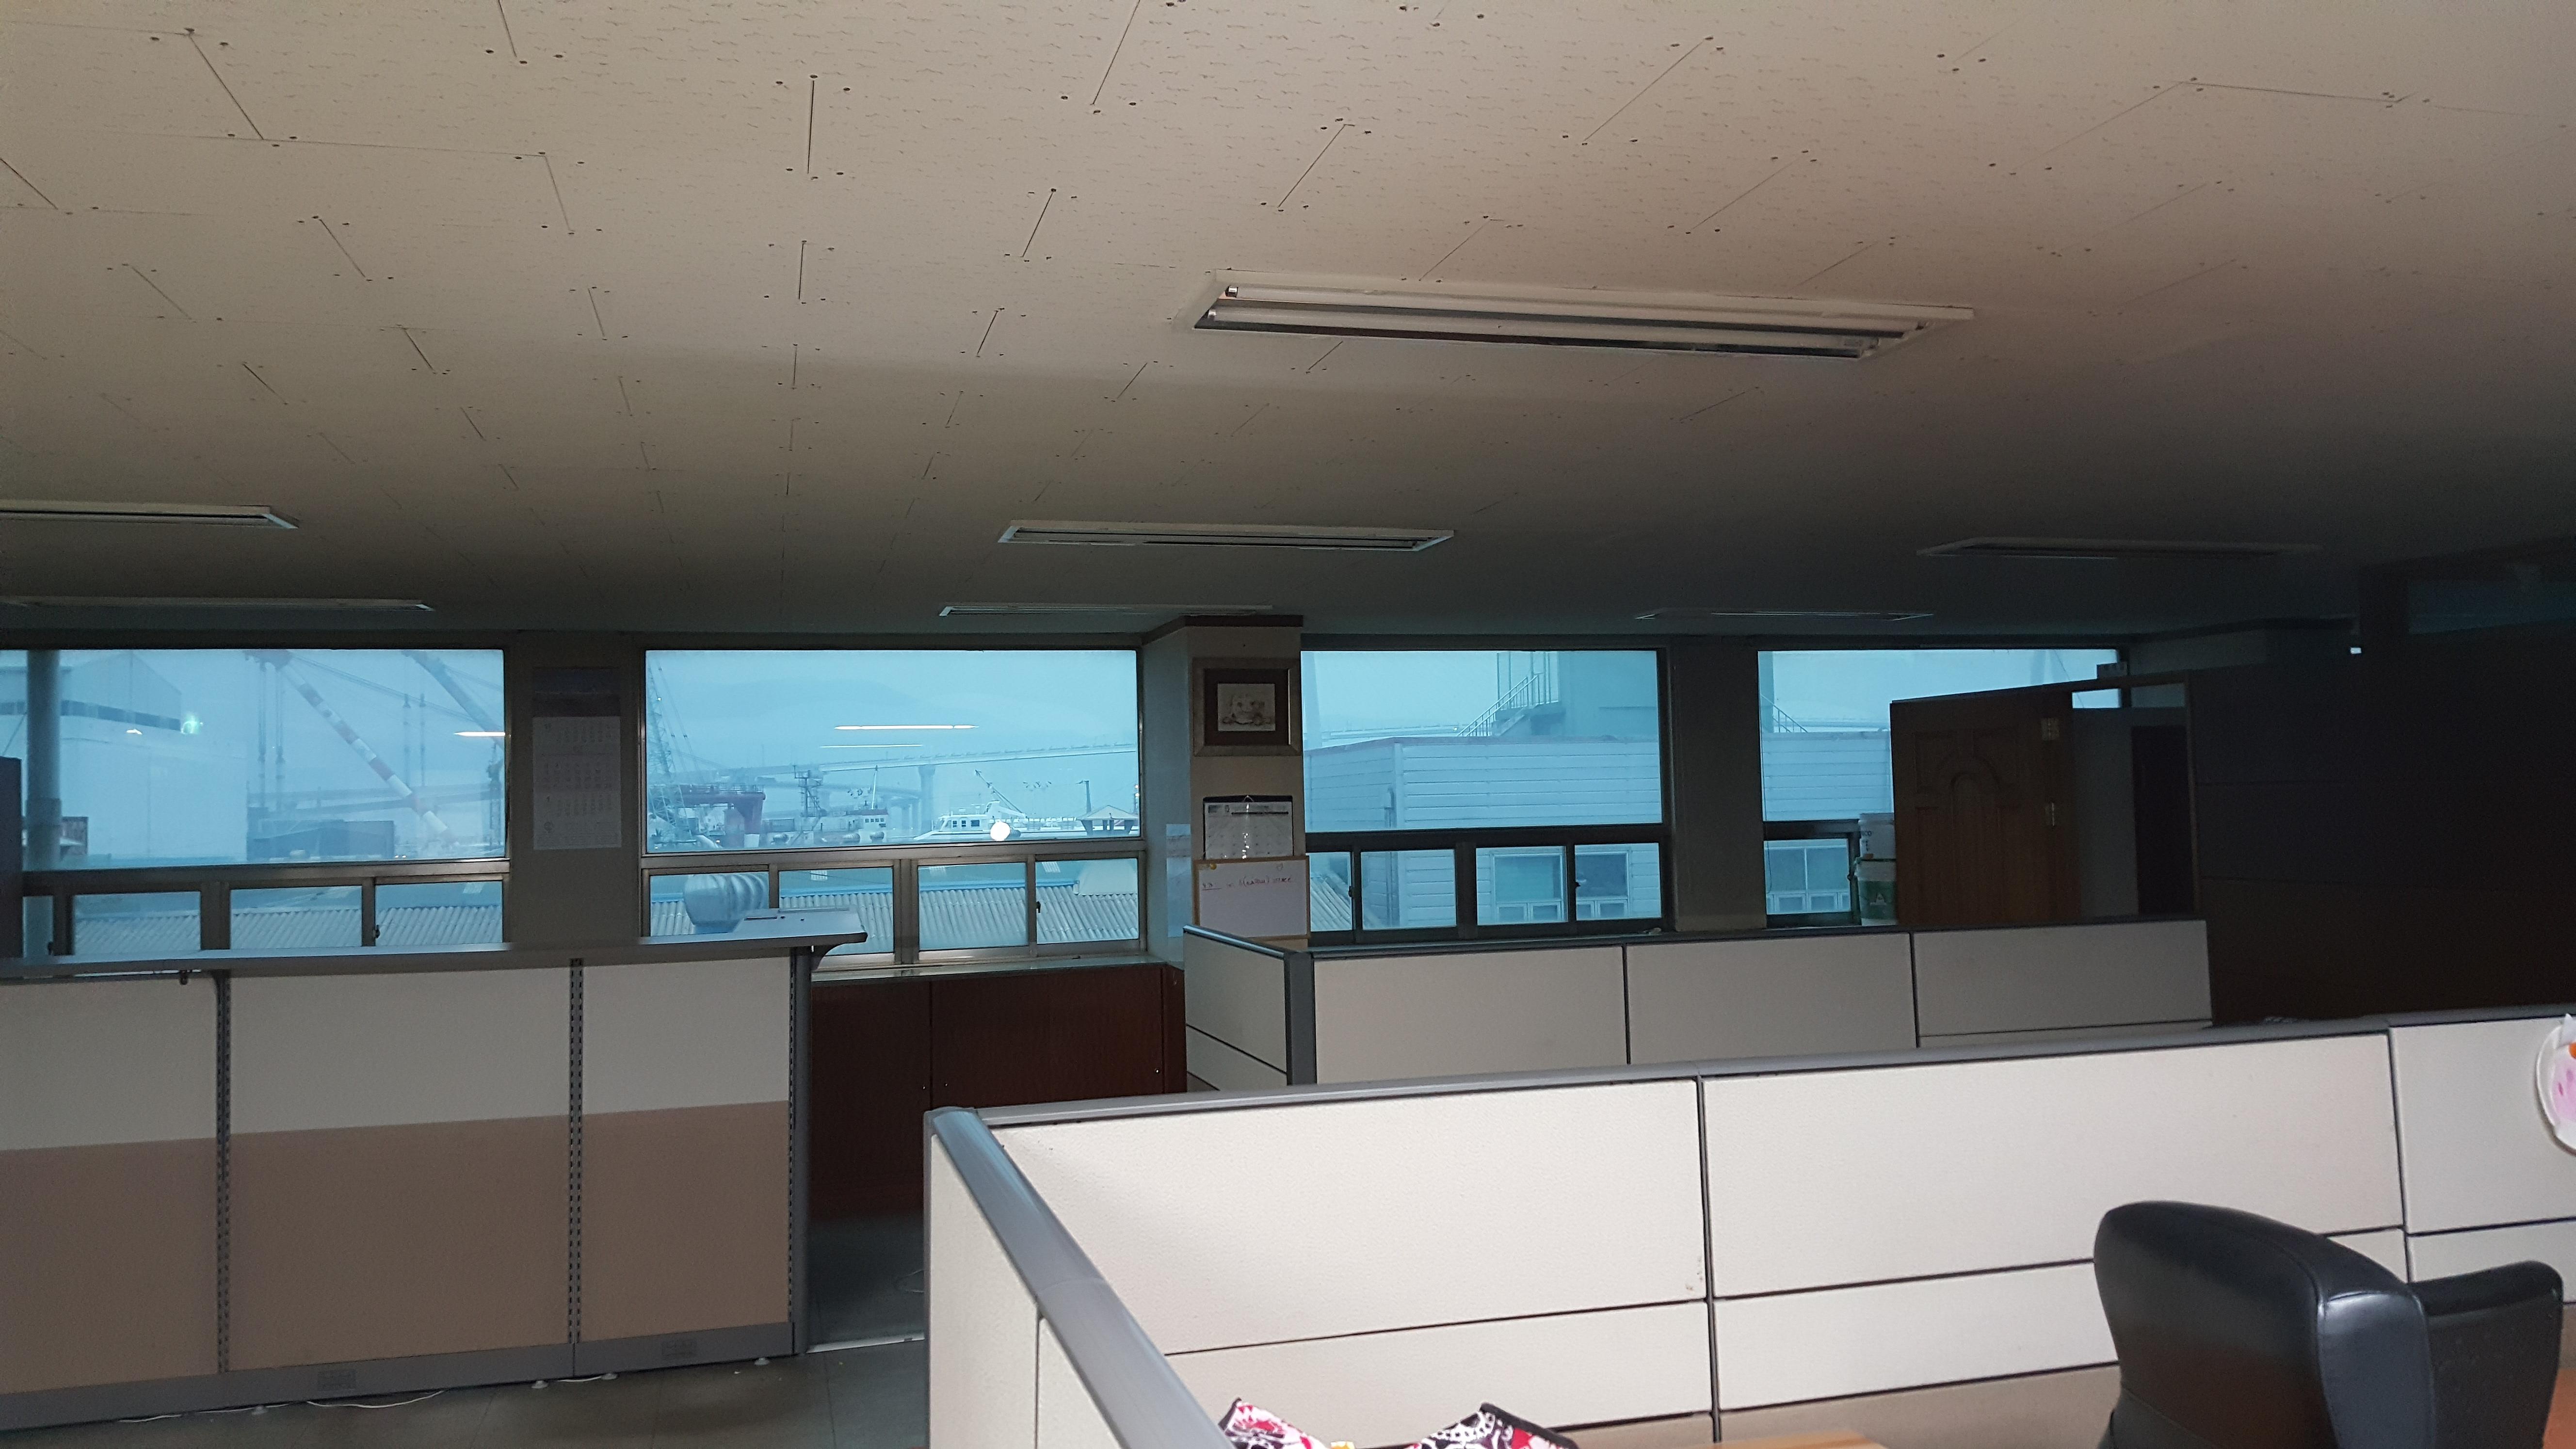 3 번째 사진  에  연면적94.68 ㎡ 부산시 영도구 해양로 공장사무실 2차 천장텍스 석면해체 제거